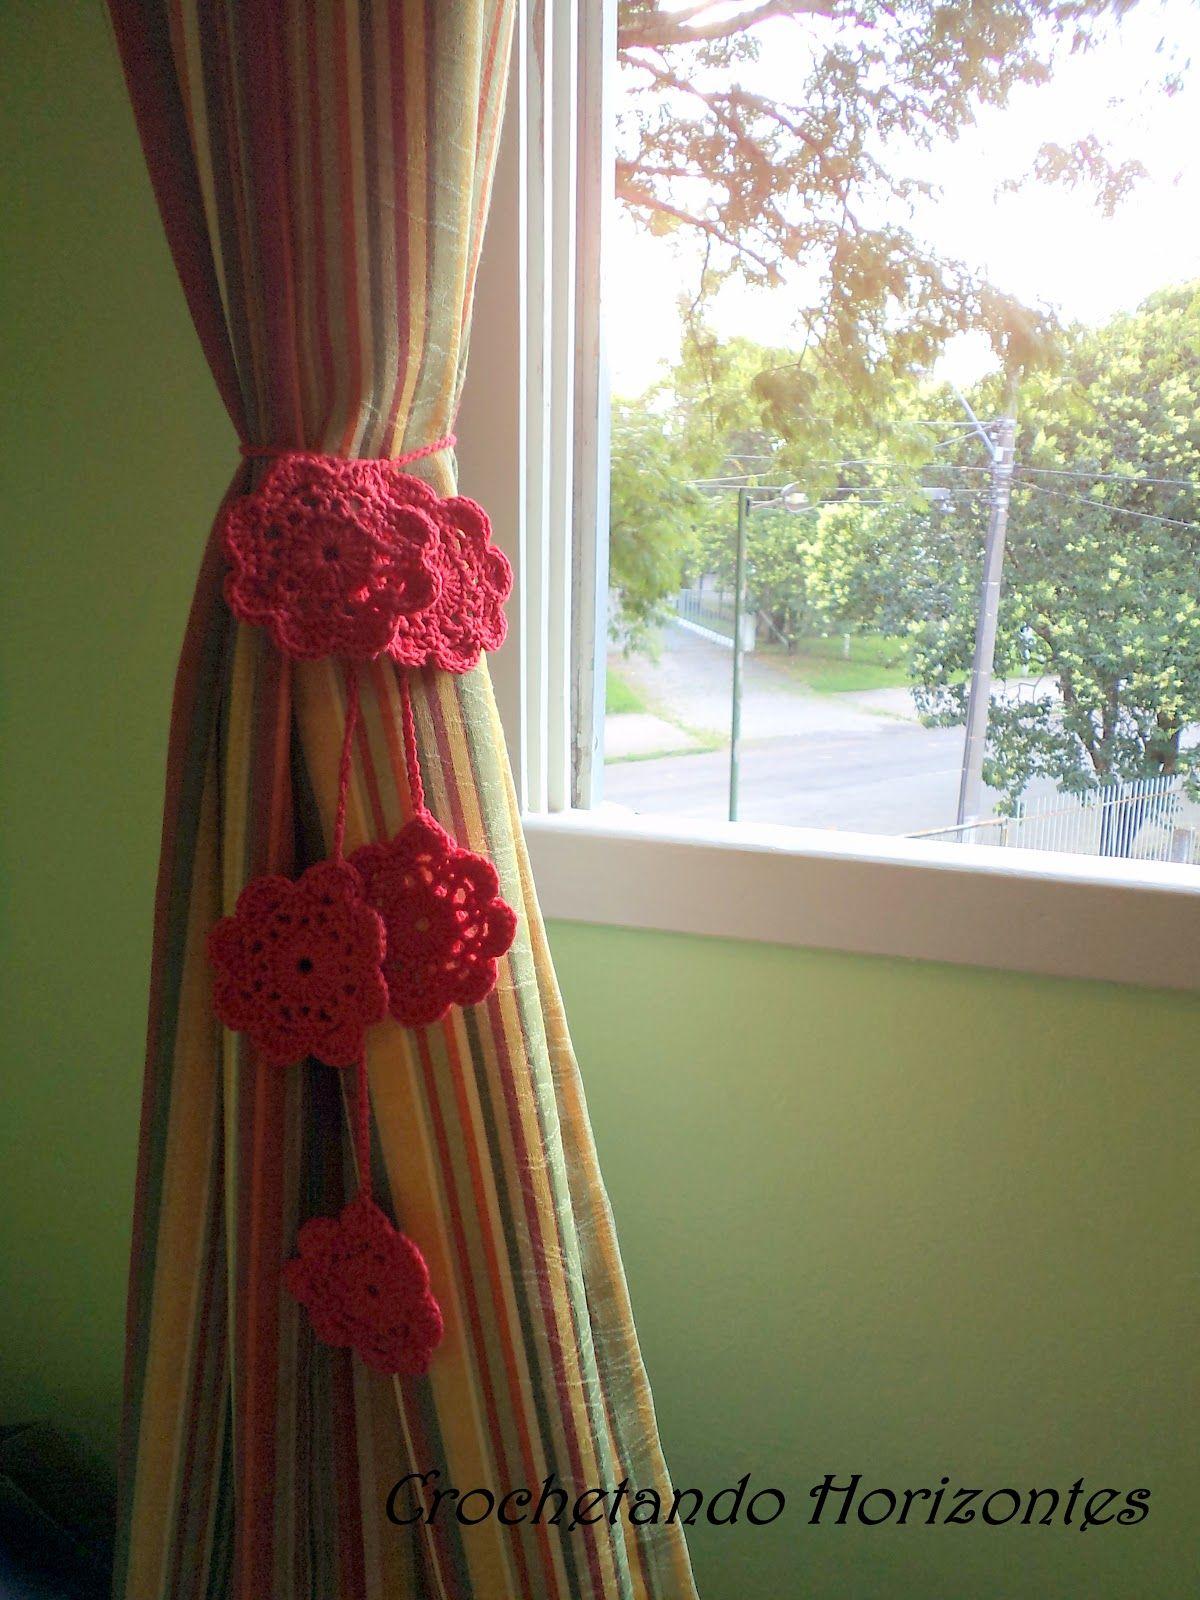 Crochetando Horizontes: Prendedor de cortina de crochê | Crochet ...